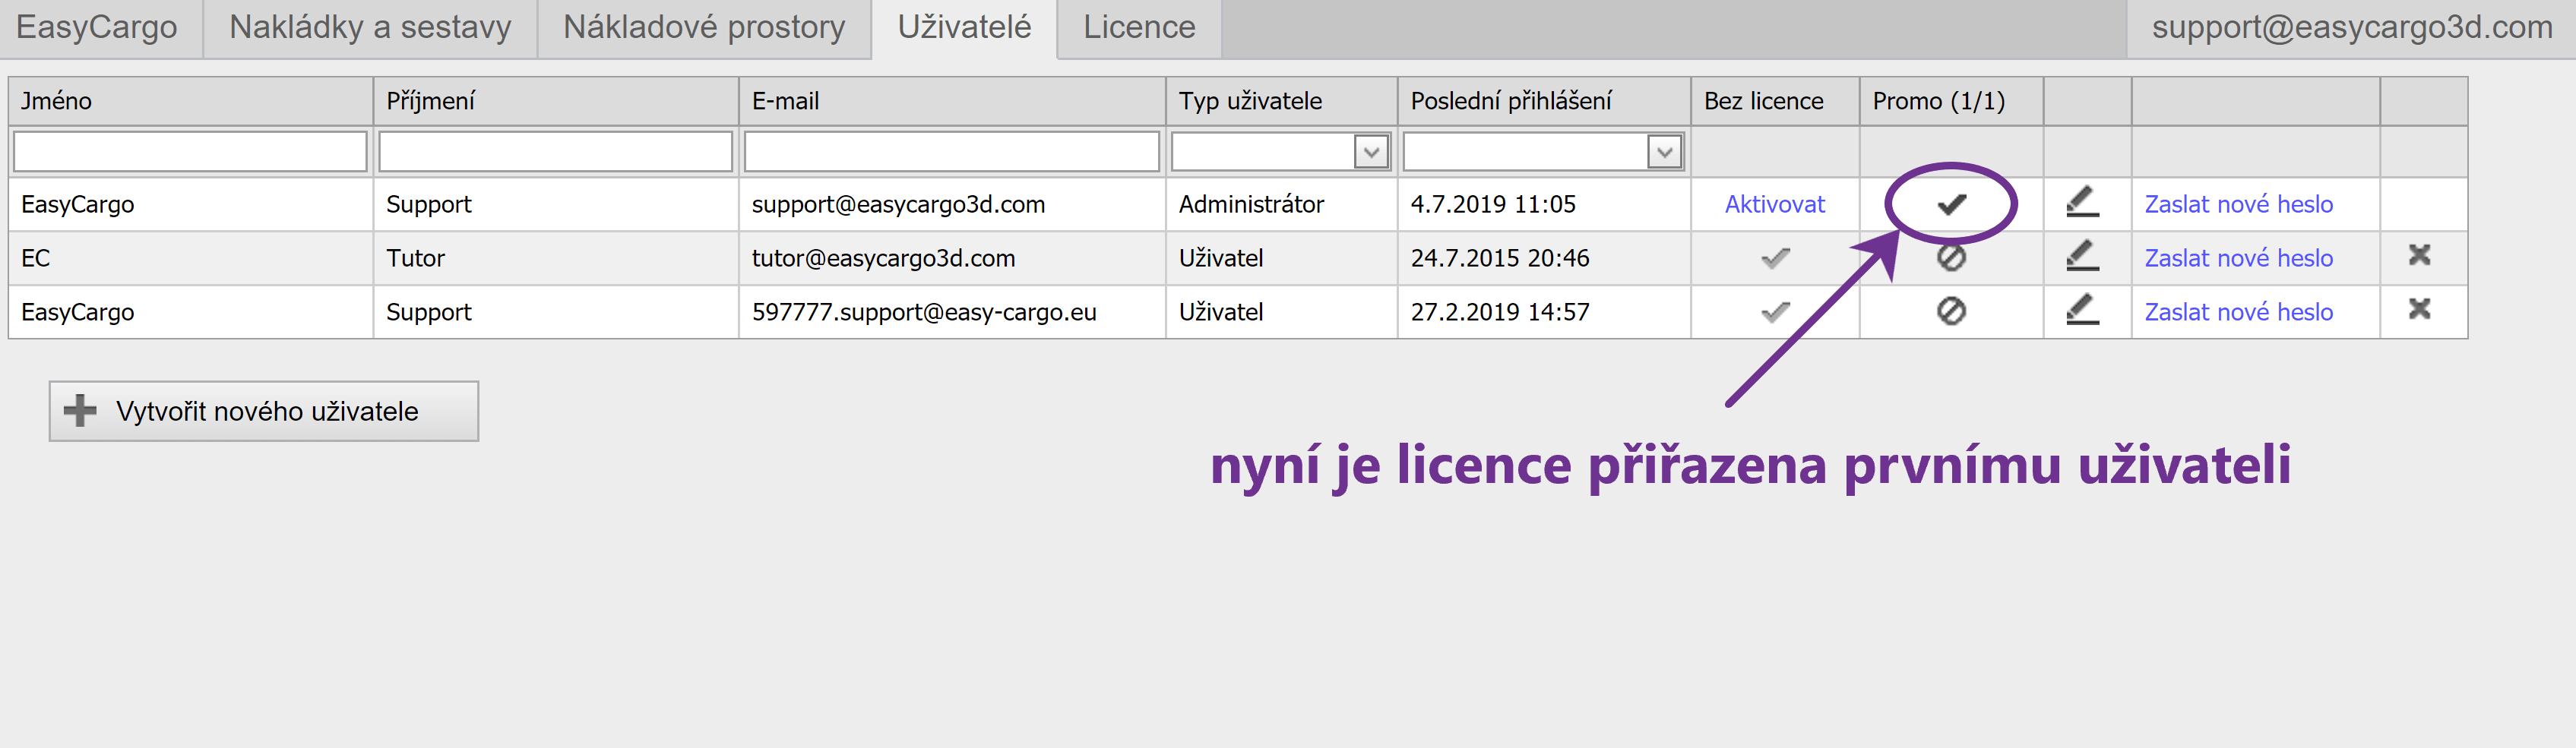 Jak přiřadit licenci jinému uživateli - krok 2